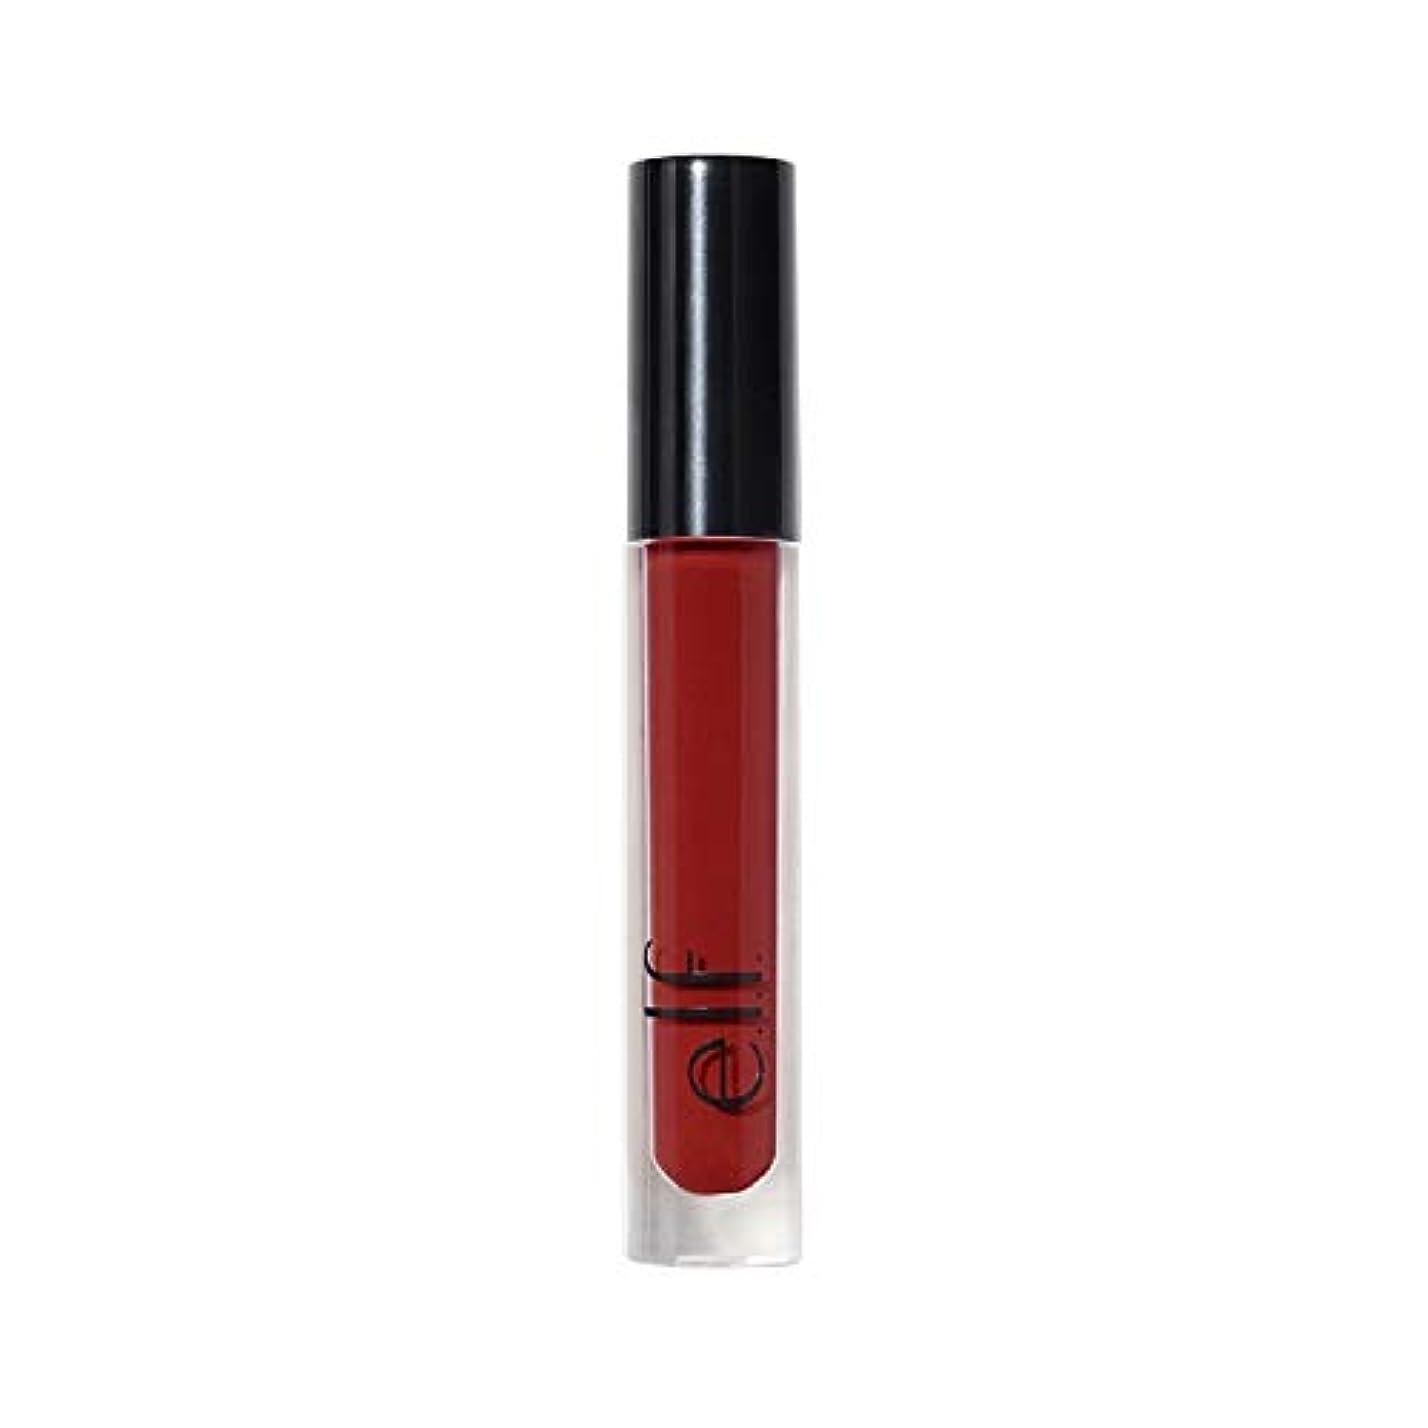 つかまえる遺伝子使用法e.l.f. Liquid Matte Lipstick - Red Vixen (並行輸入品)